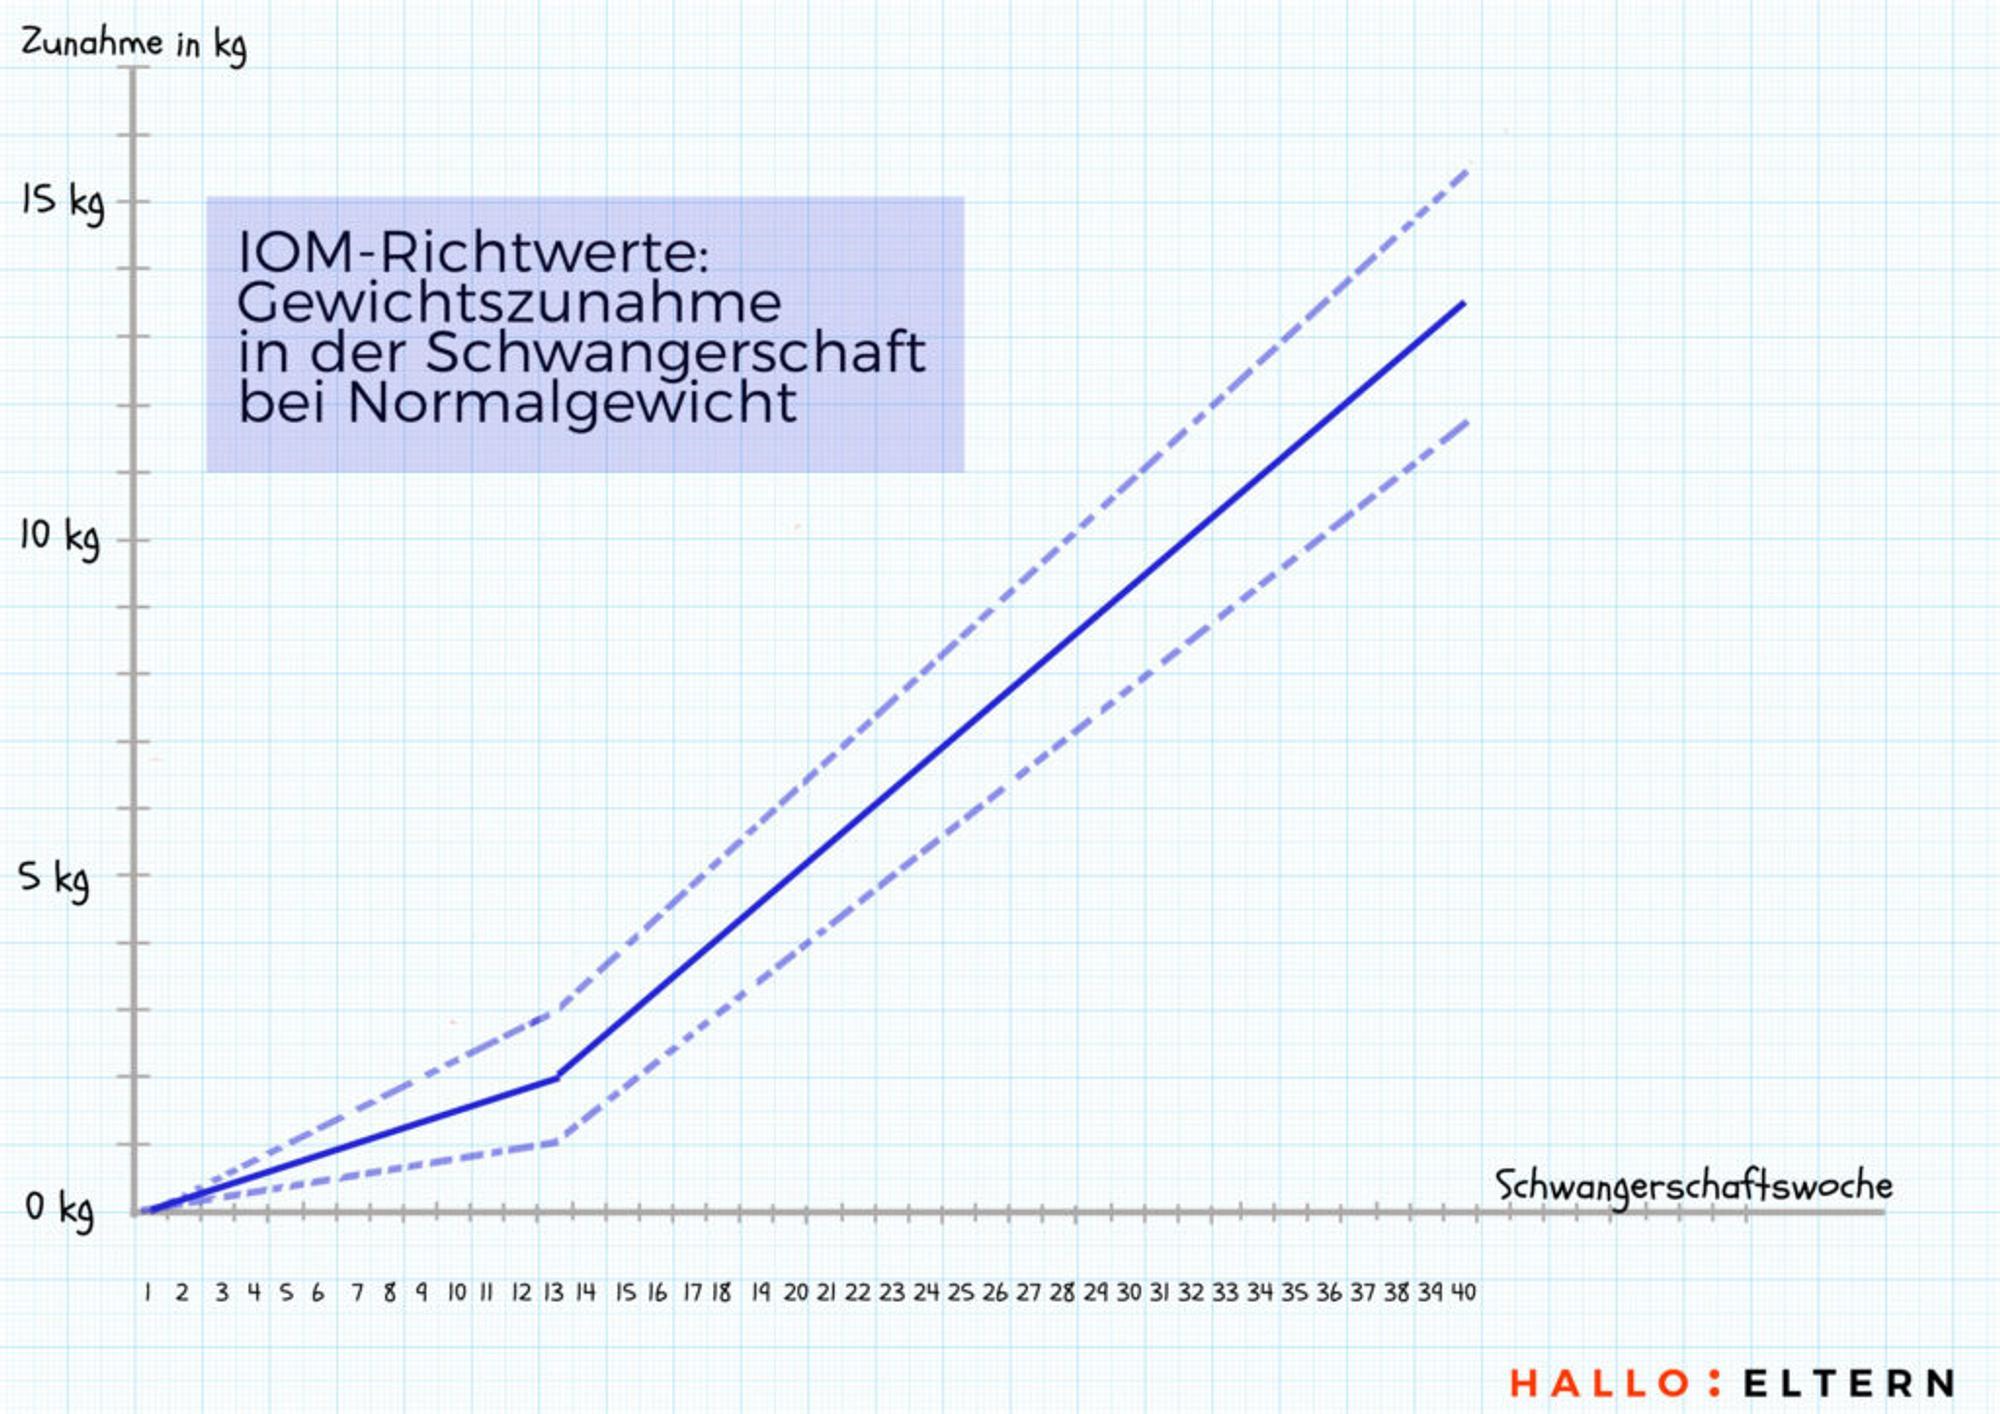 Gewichtskurve: IOM-Richtwerte Gewichtszunahme in der Schwangerschaft bei Normalgewicht